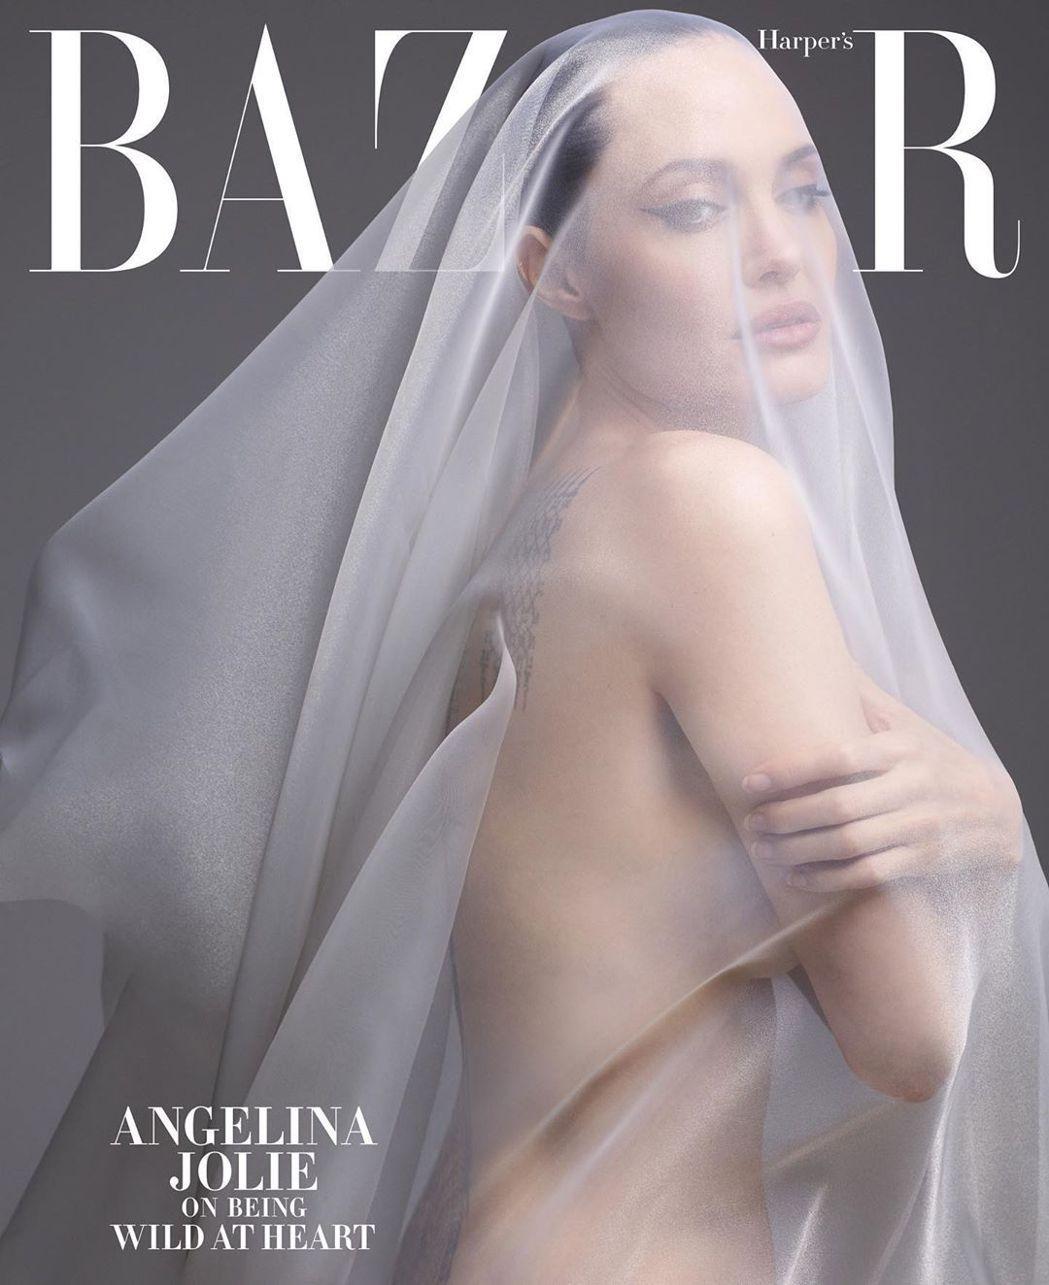 安琪莉娜裘莉裸身登上「Harpers BAZAAR」雜誌封面,期待掀起話題。圖/